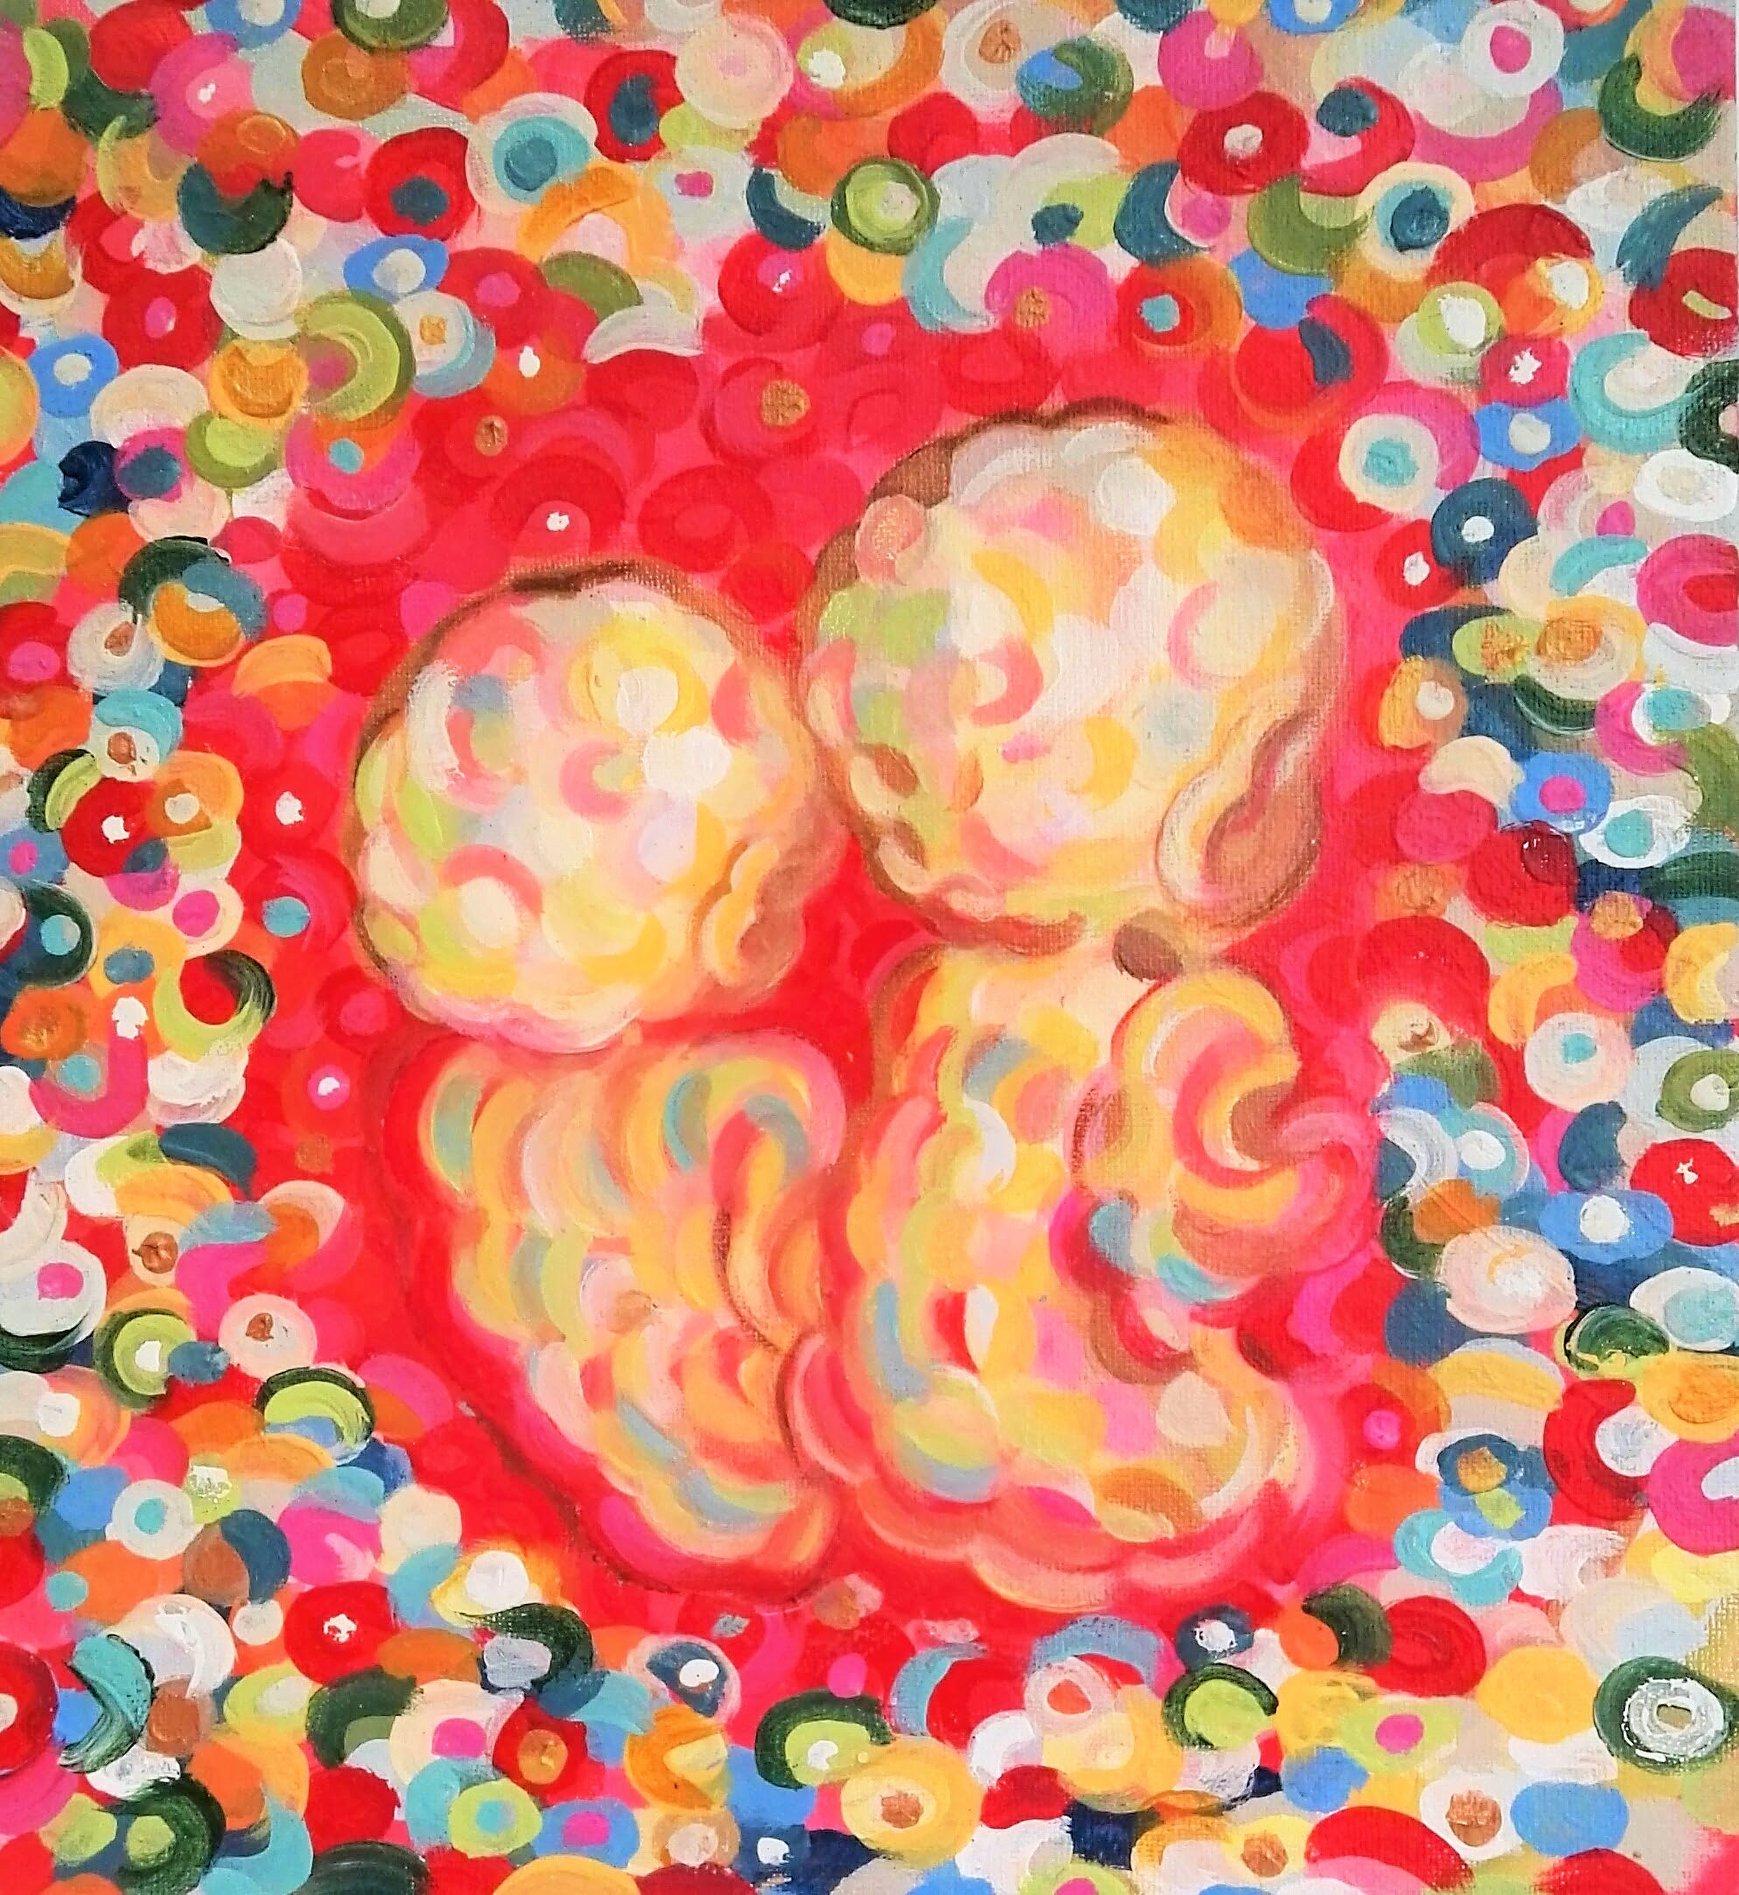 L'artista che trasforma le ecografie in opere d'arte